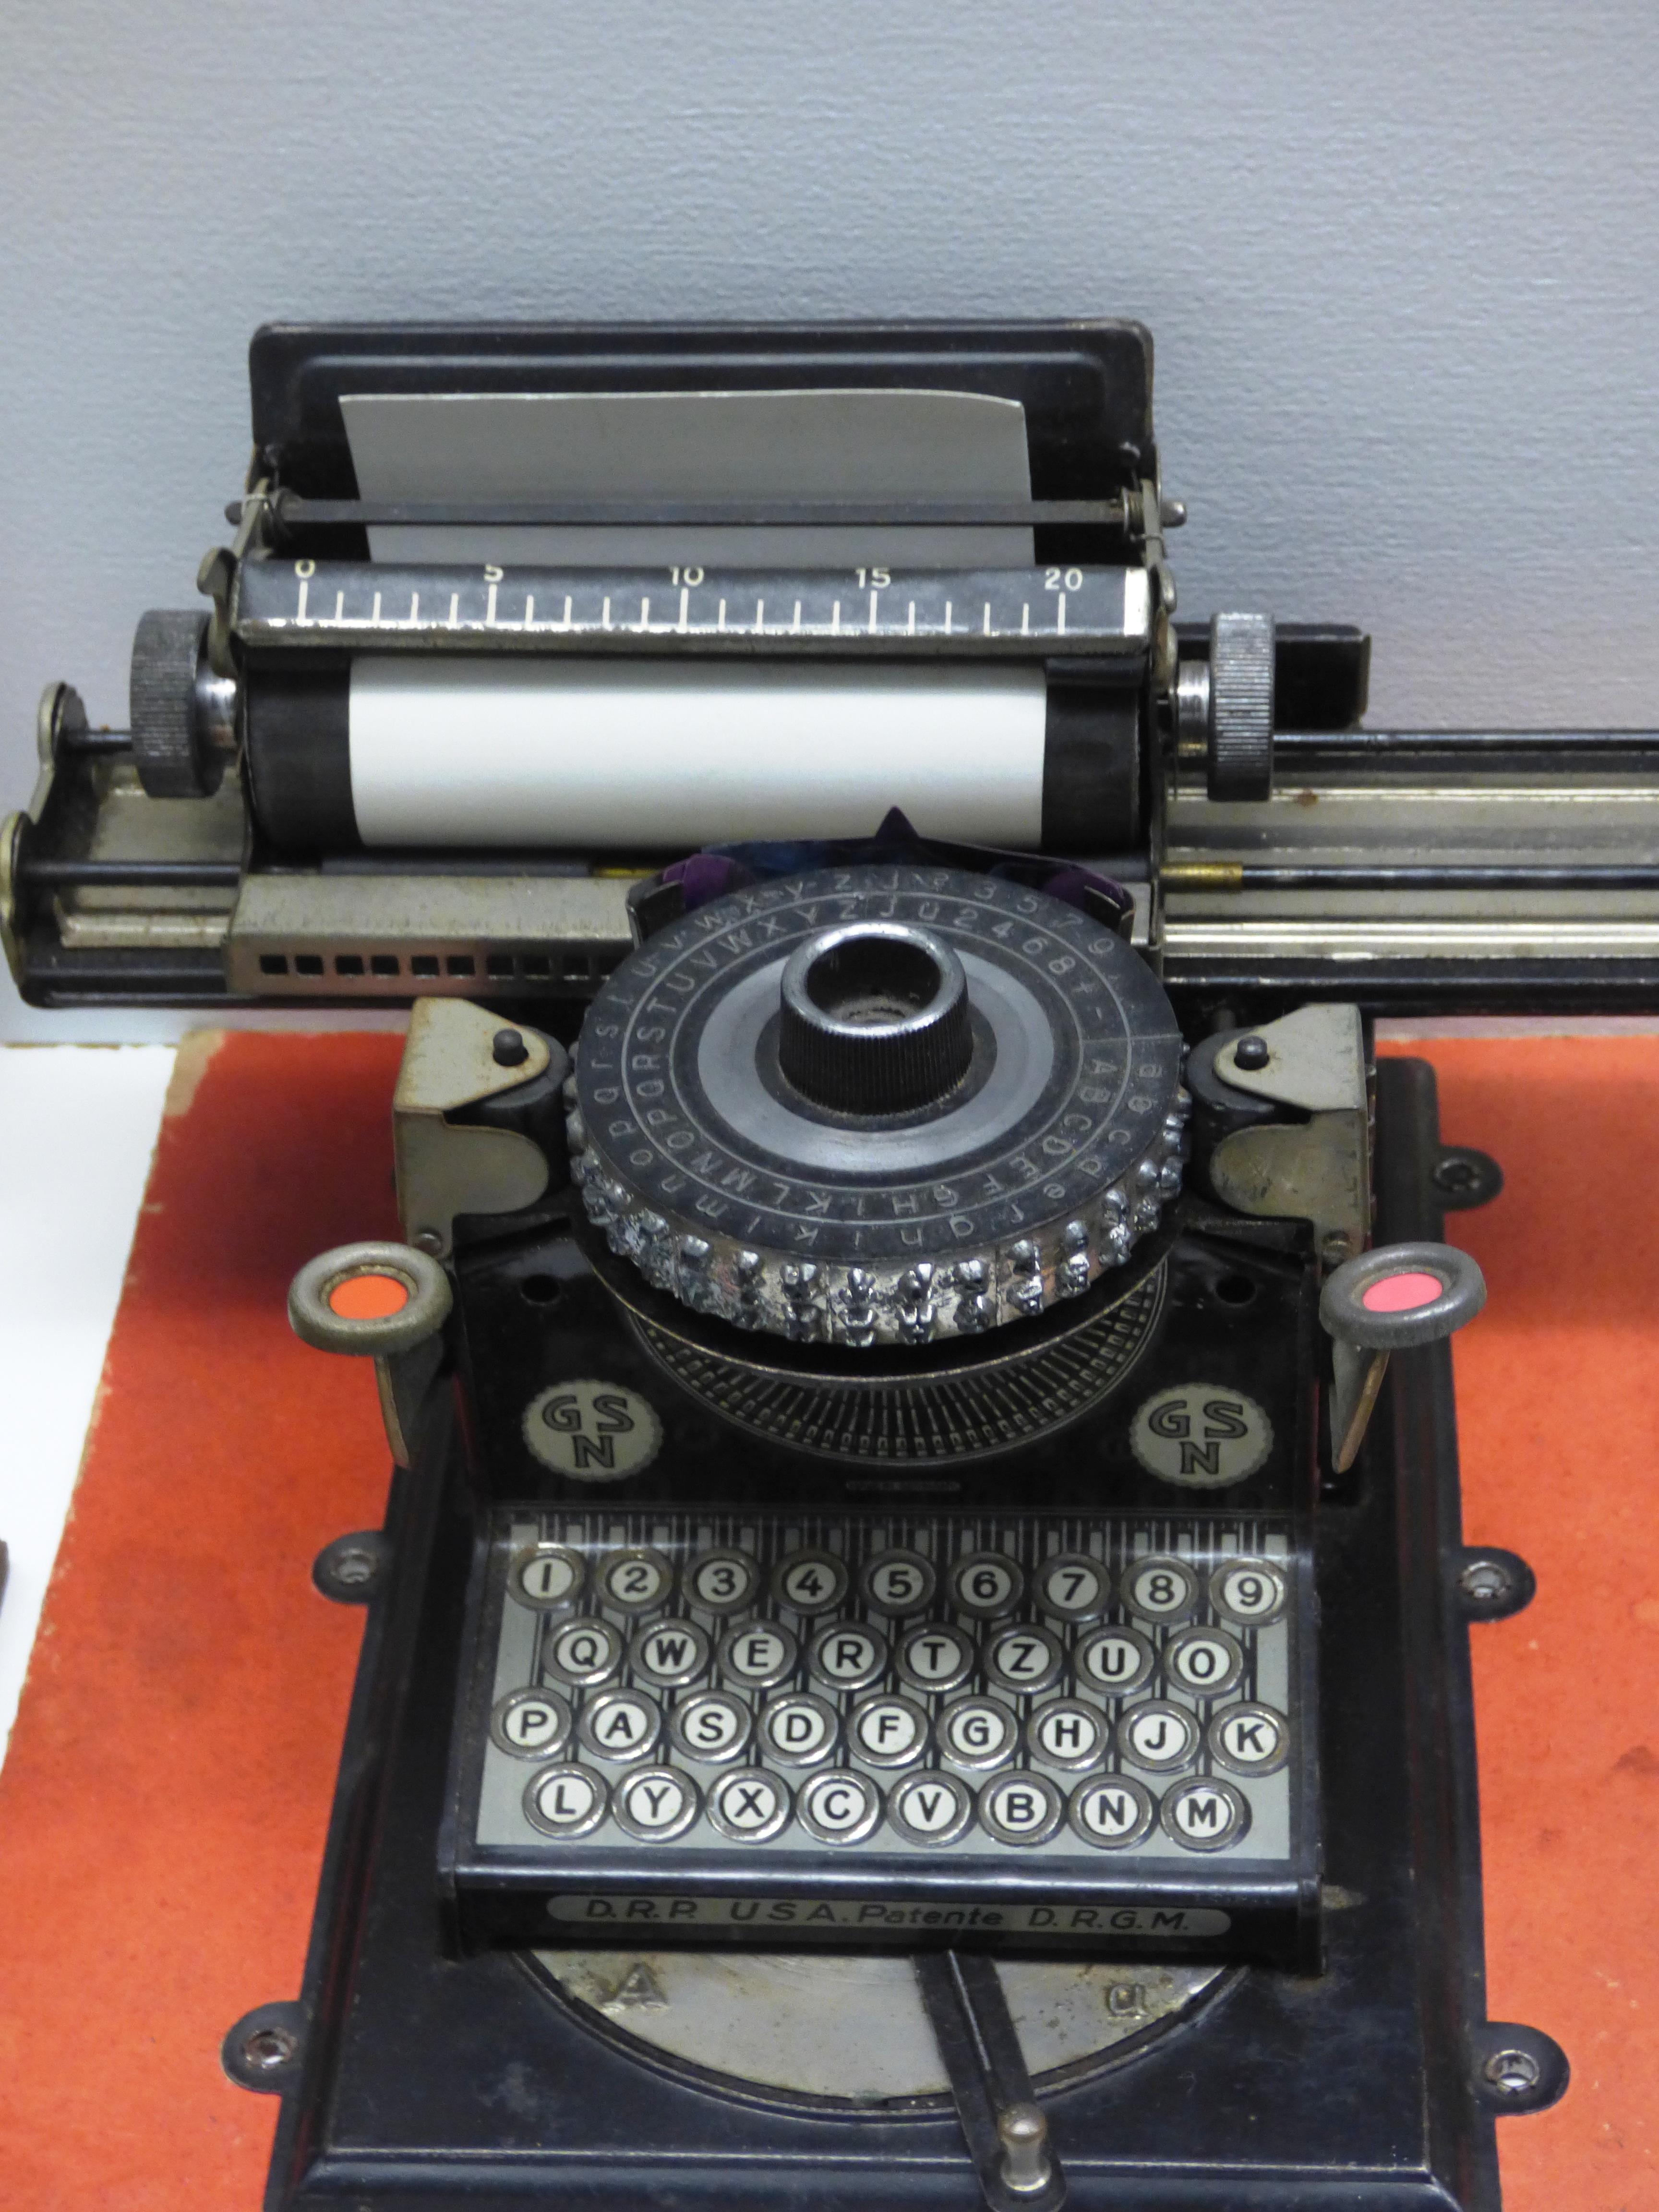 Free Images : writing, book, typewriter, print, machine, writer